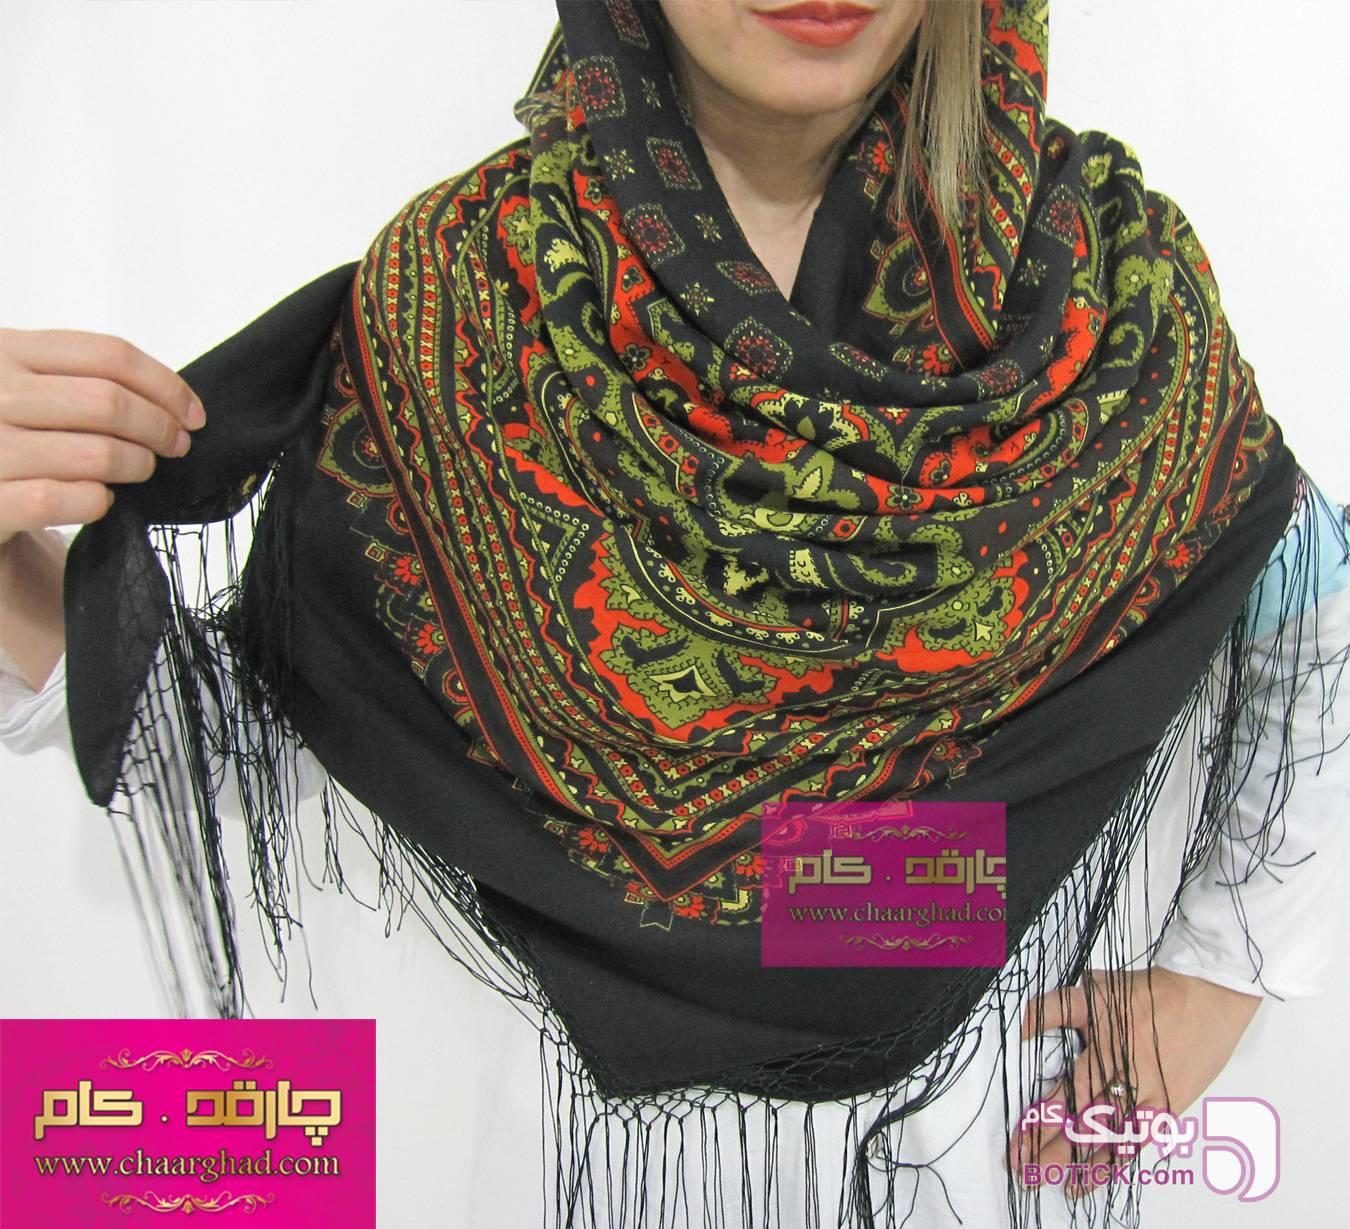 اسم برای بوتیک شال روسری روسری ترکمنی بهاره   بوتیک